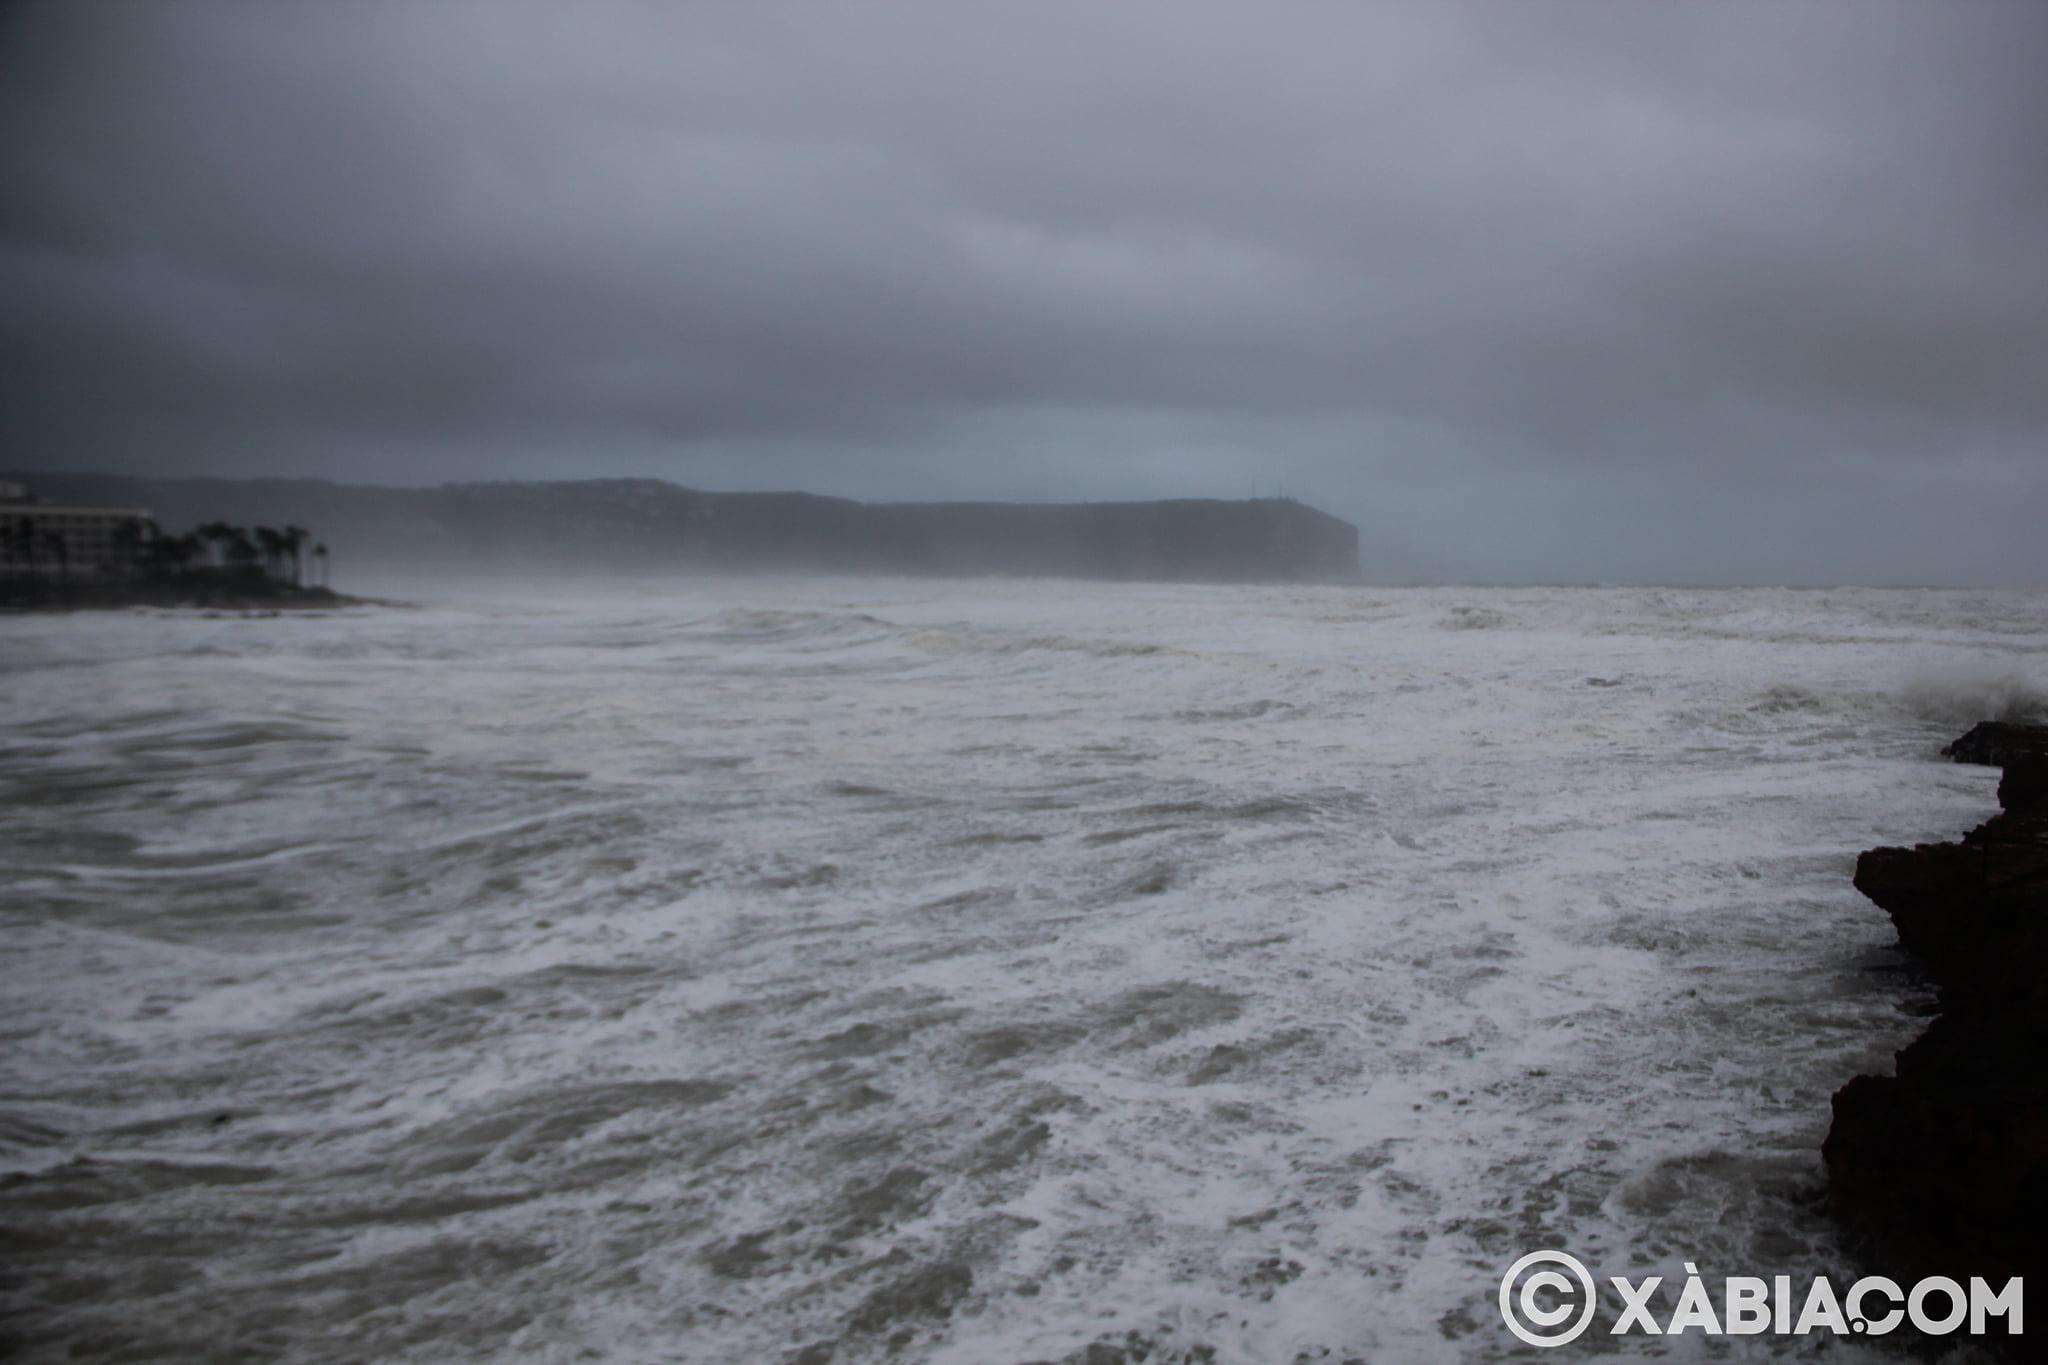 Pluie, vent et tempête de mer déchiquetés à Xàbia (17)